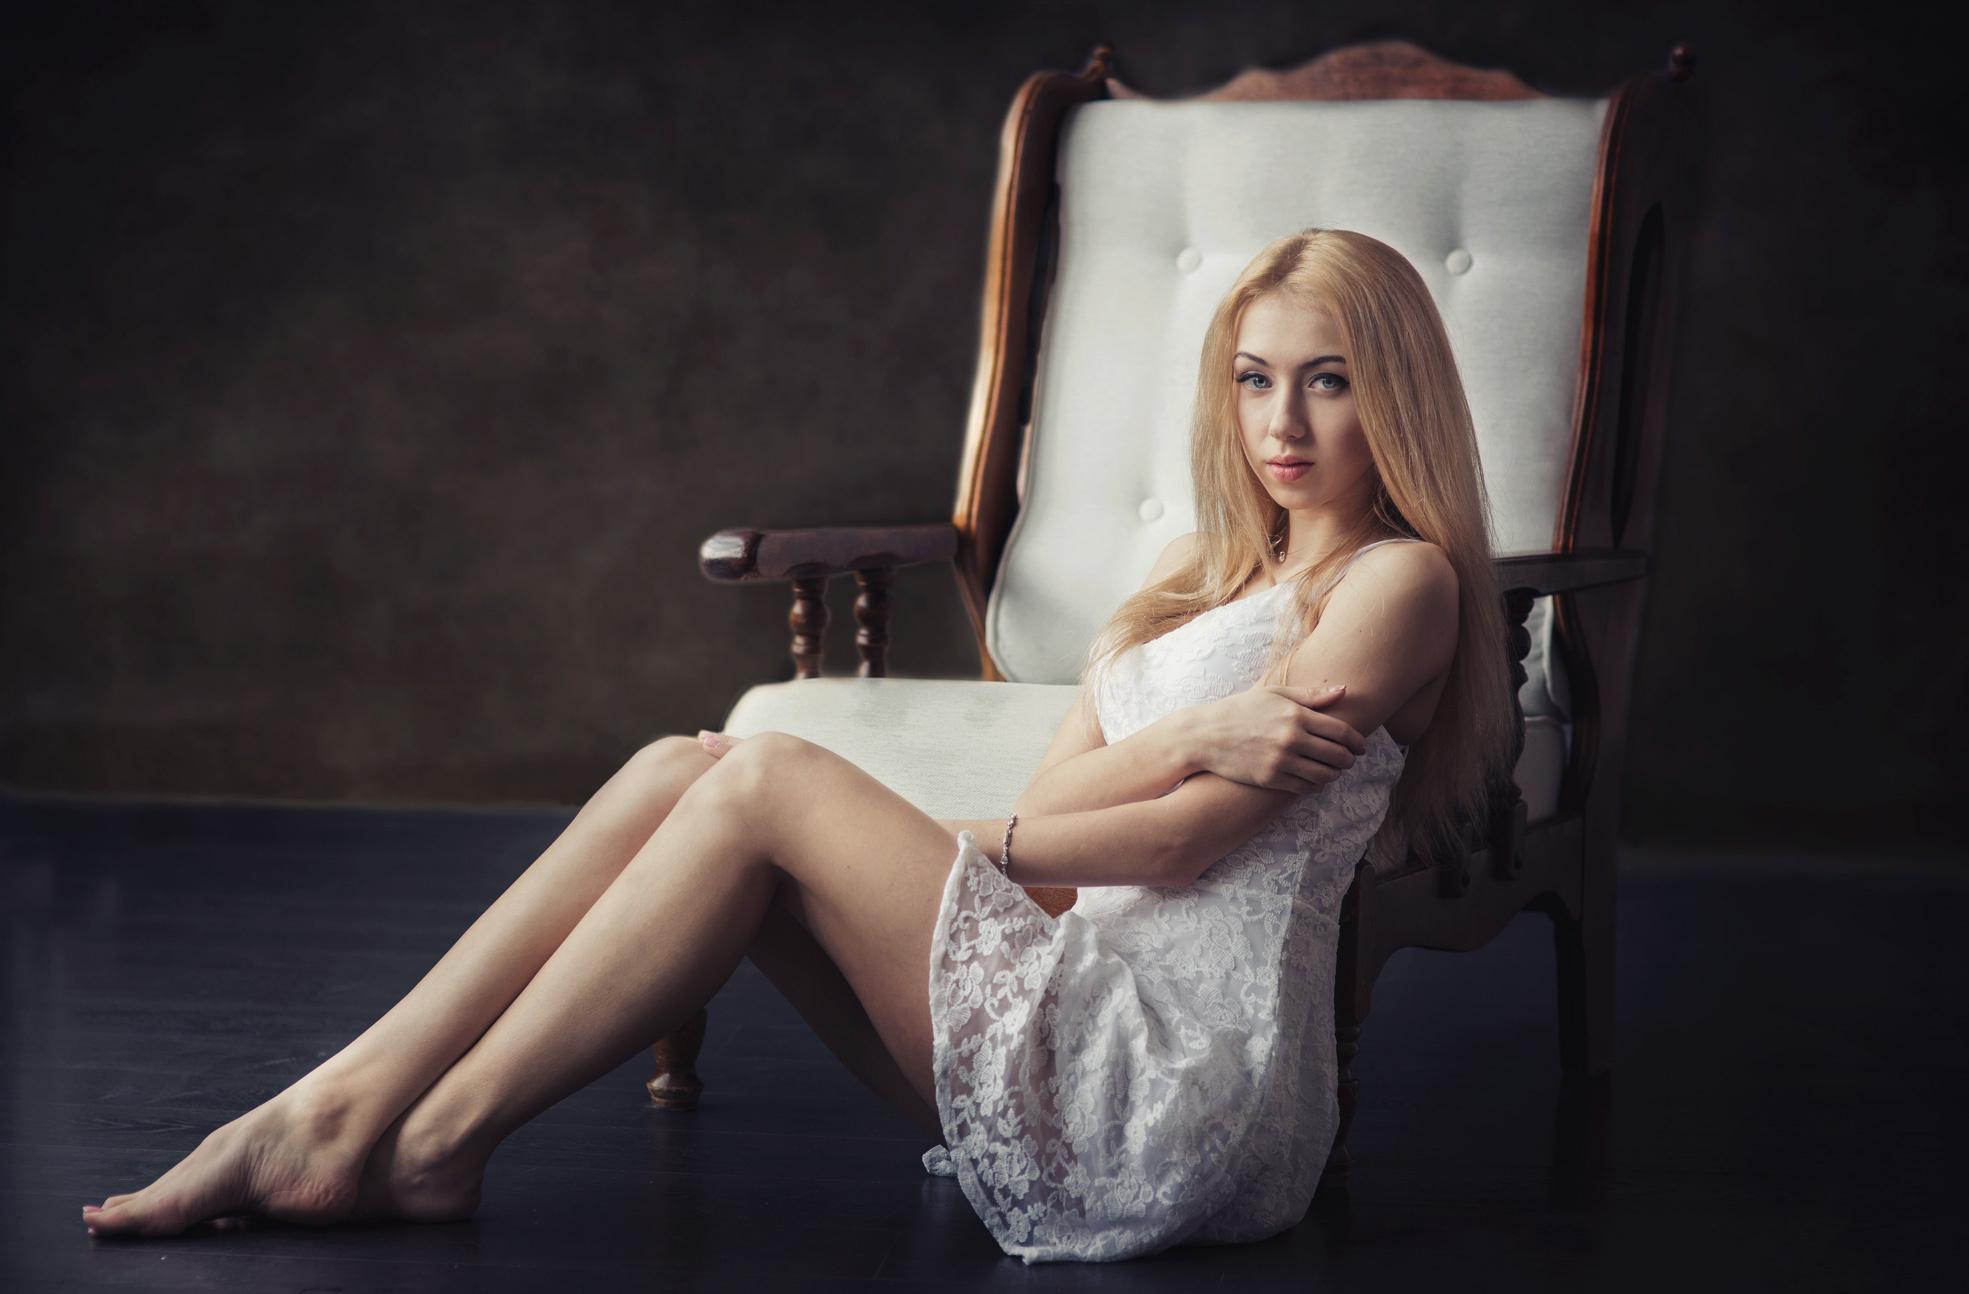 красивая блондинка сидящая в кресле картинки губки